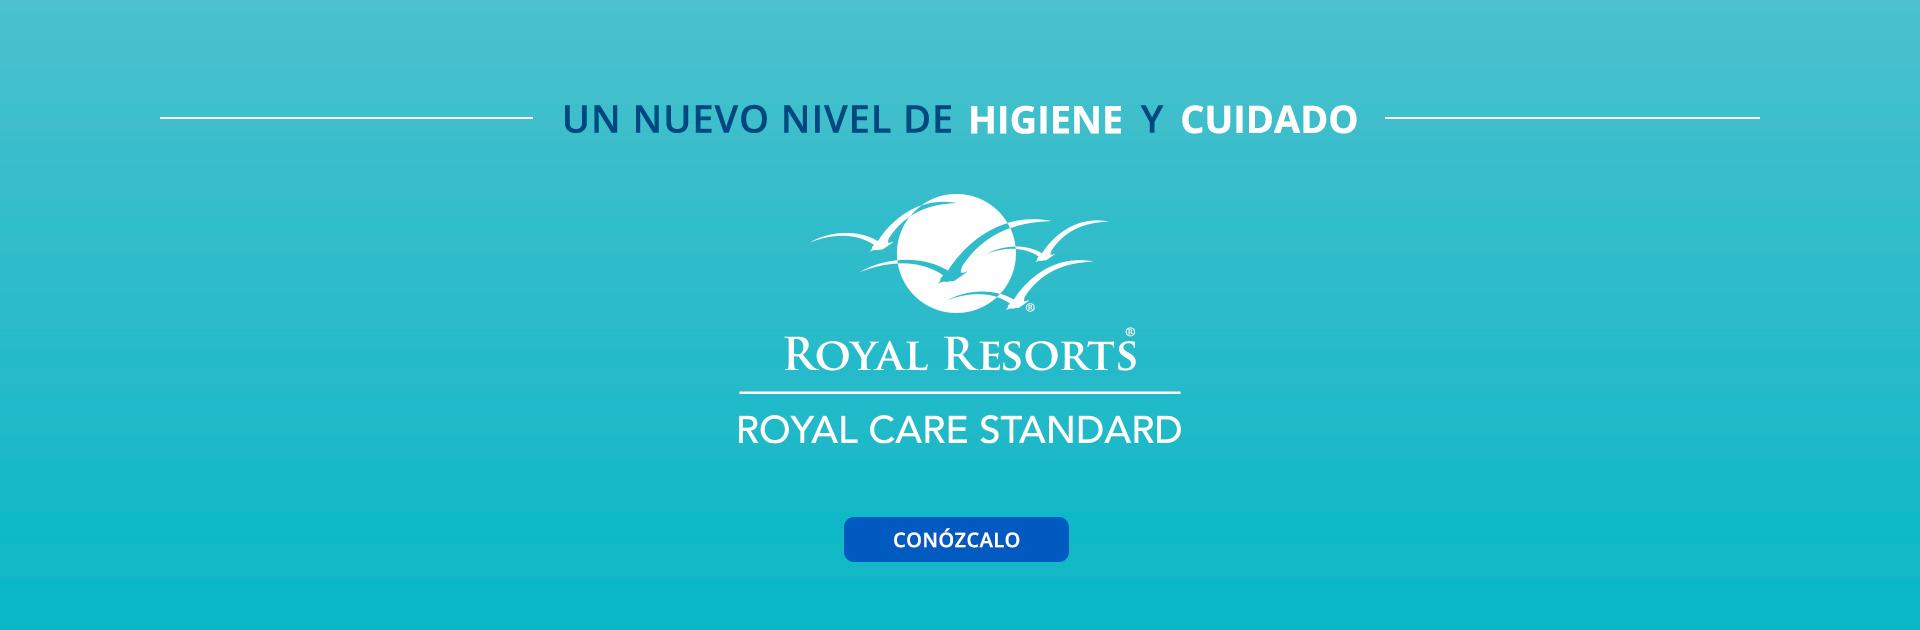 Un nuevo nivel de higiene y cuidado Royal Care Standard